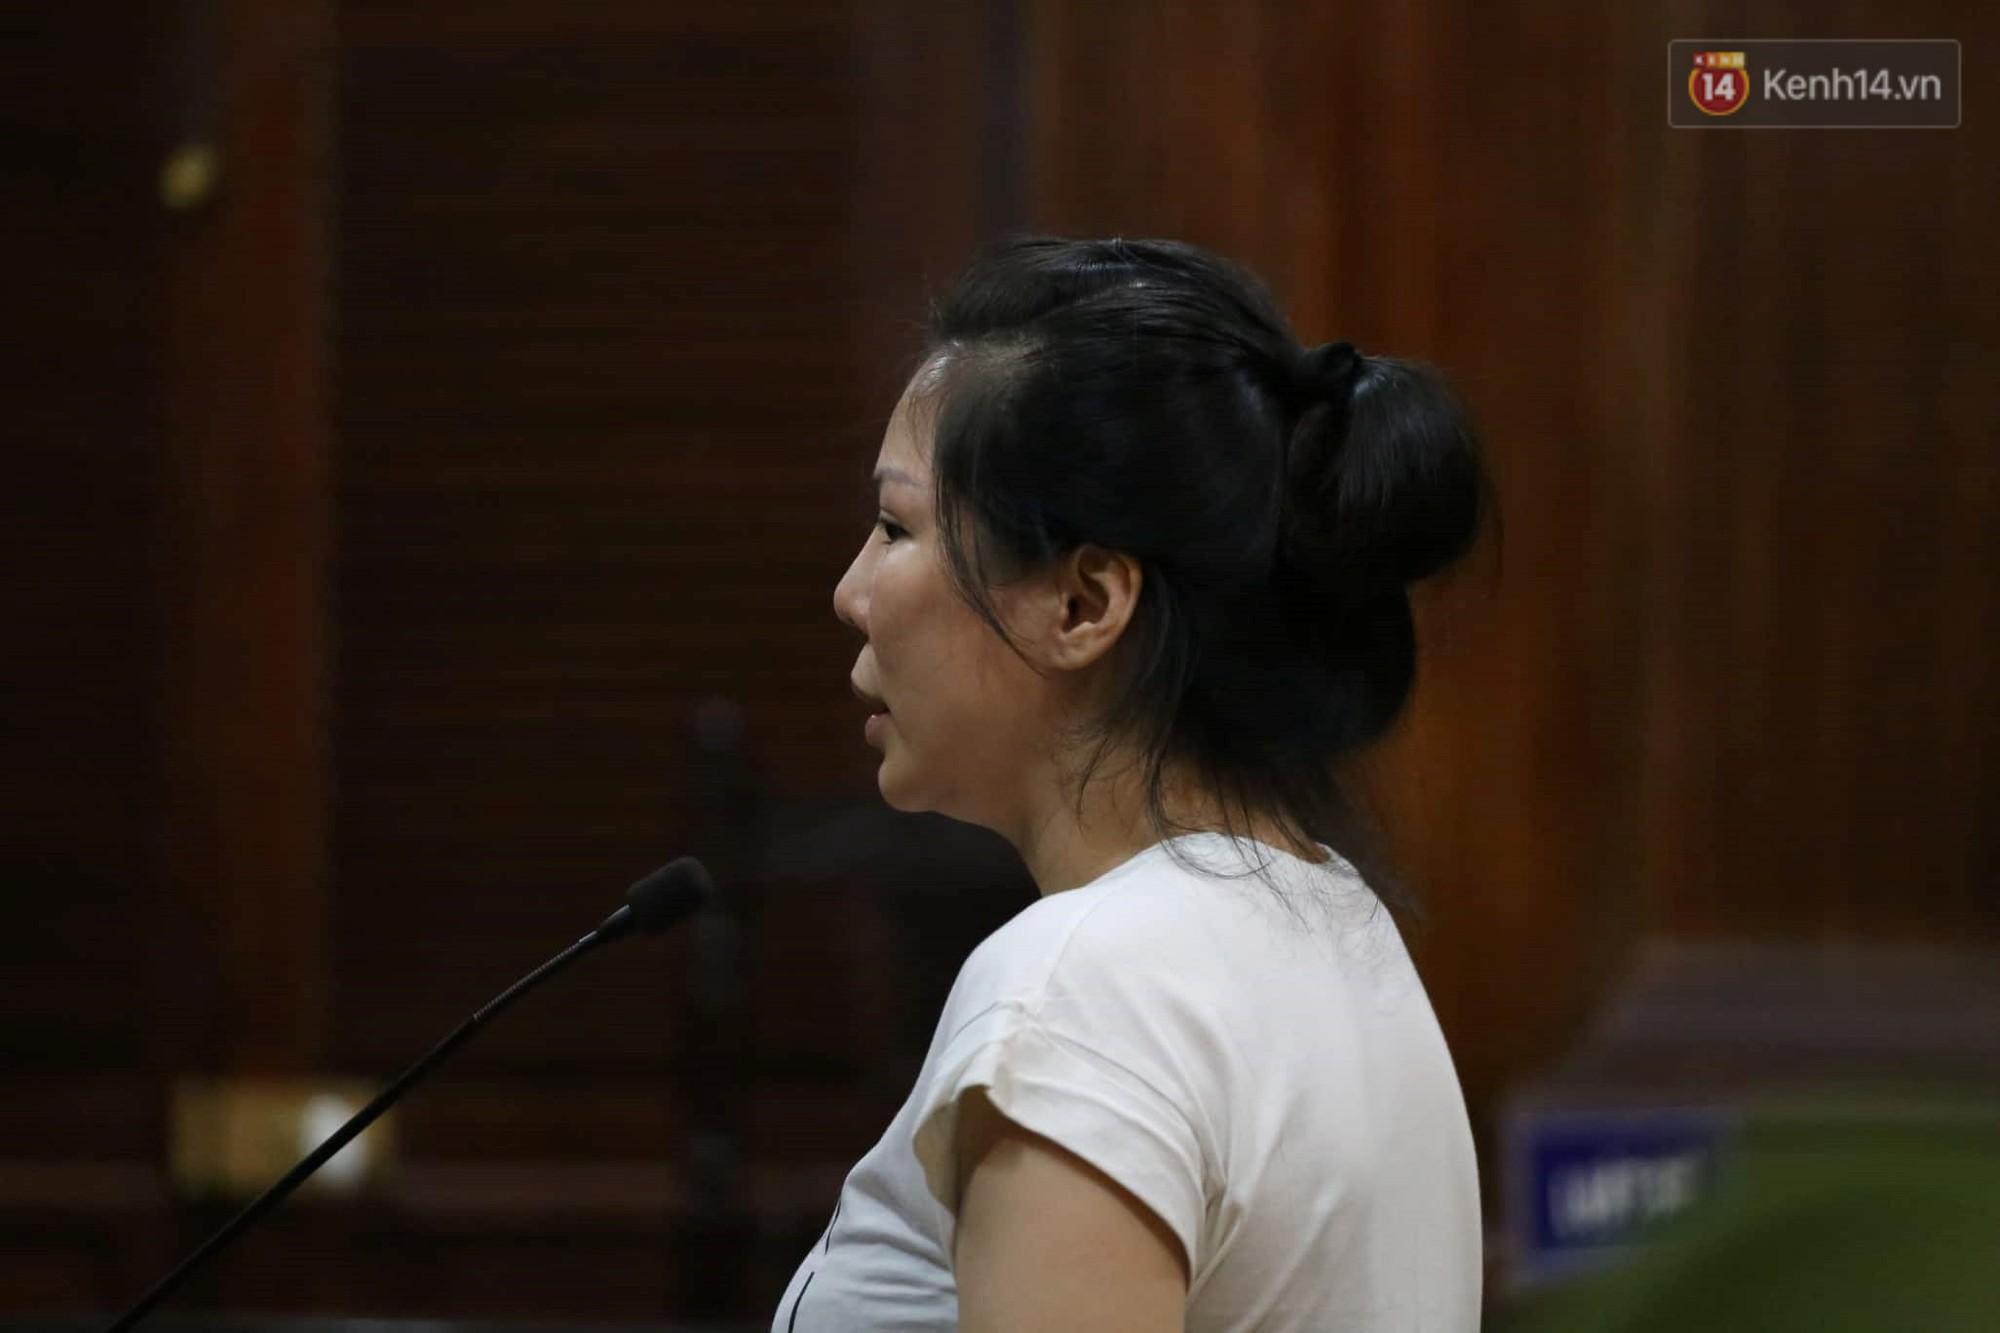 Vợ cũ bác sĩ Chiêm Quốc Thái thanh minh tại tòa sau khi thuê giang hồ truy sát chồng: Chỉ đánh dằn mặt, thuê người tát mấy cái...-3